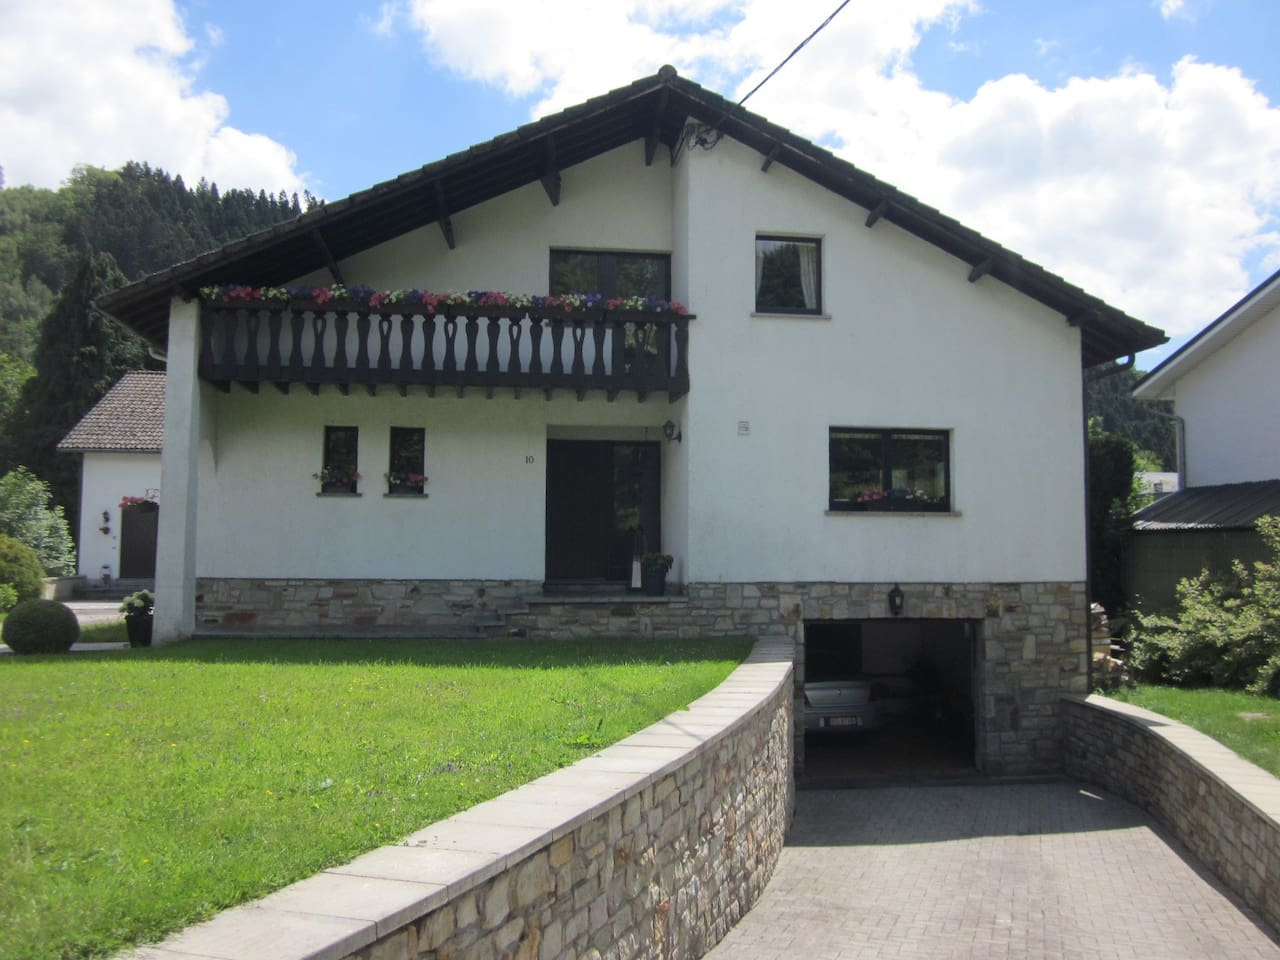 façade avant de la maison